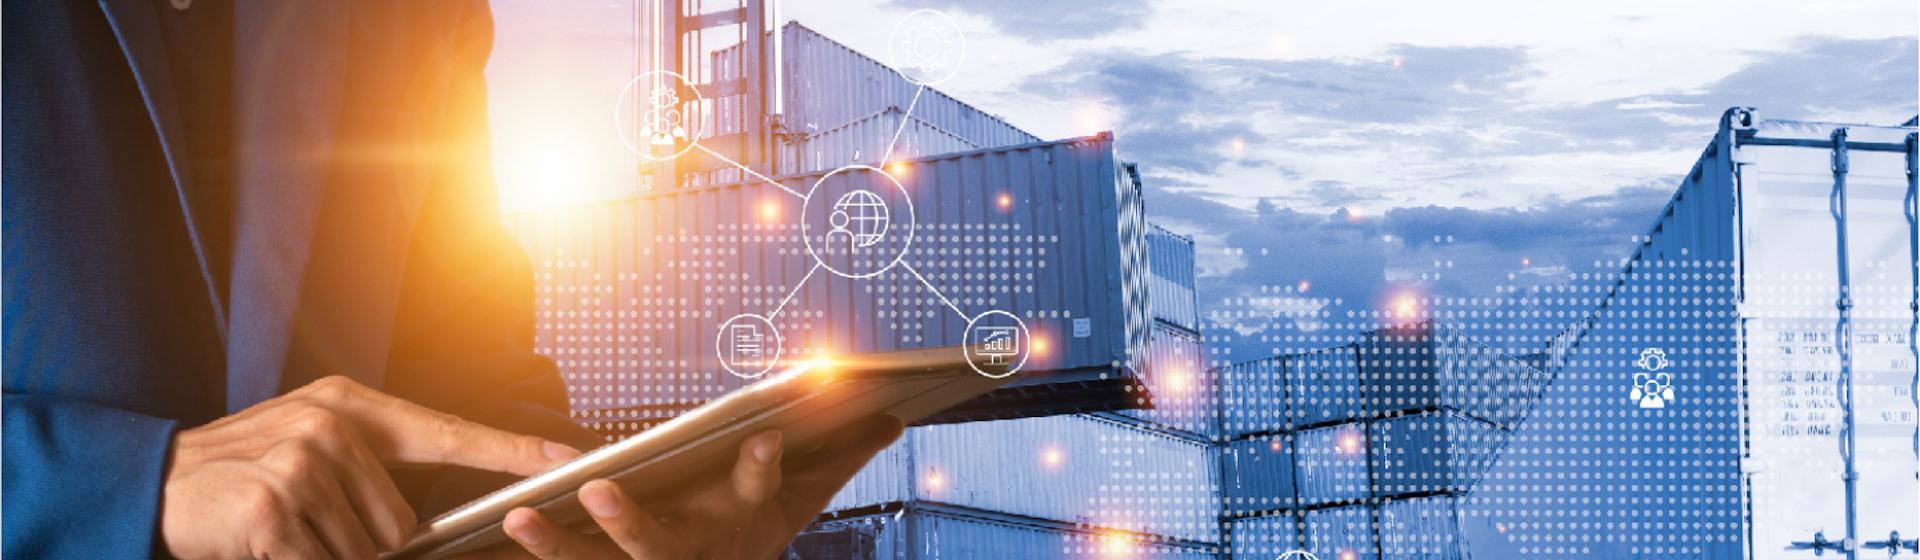 Descubre cómo hacer un inventario en Excel y mejora la gestión logística de tu empresa